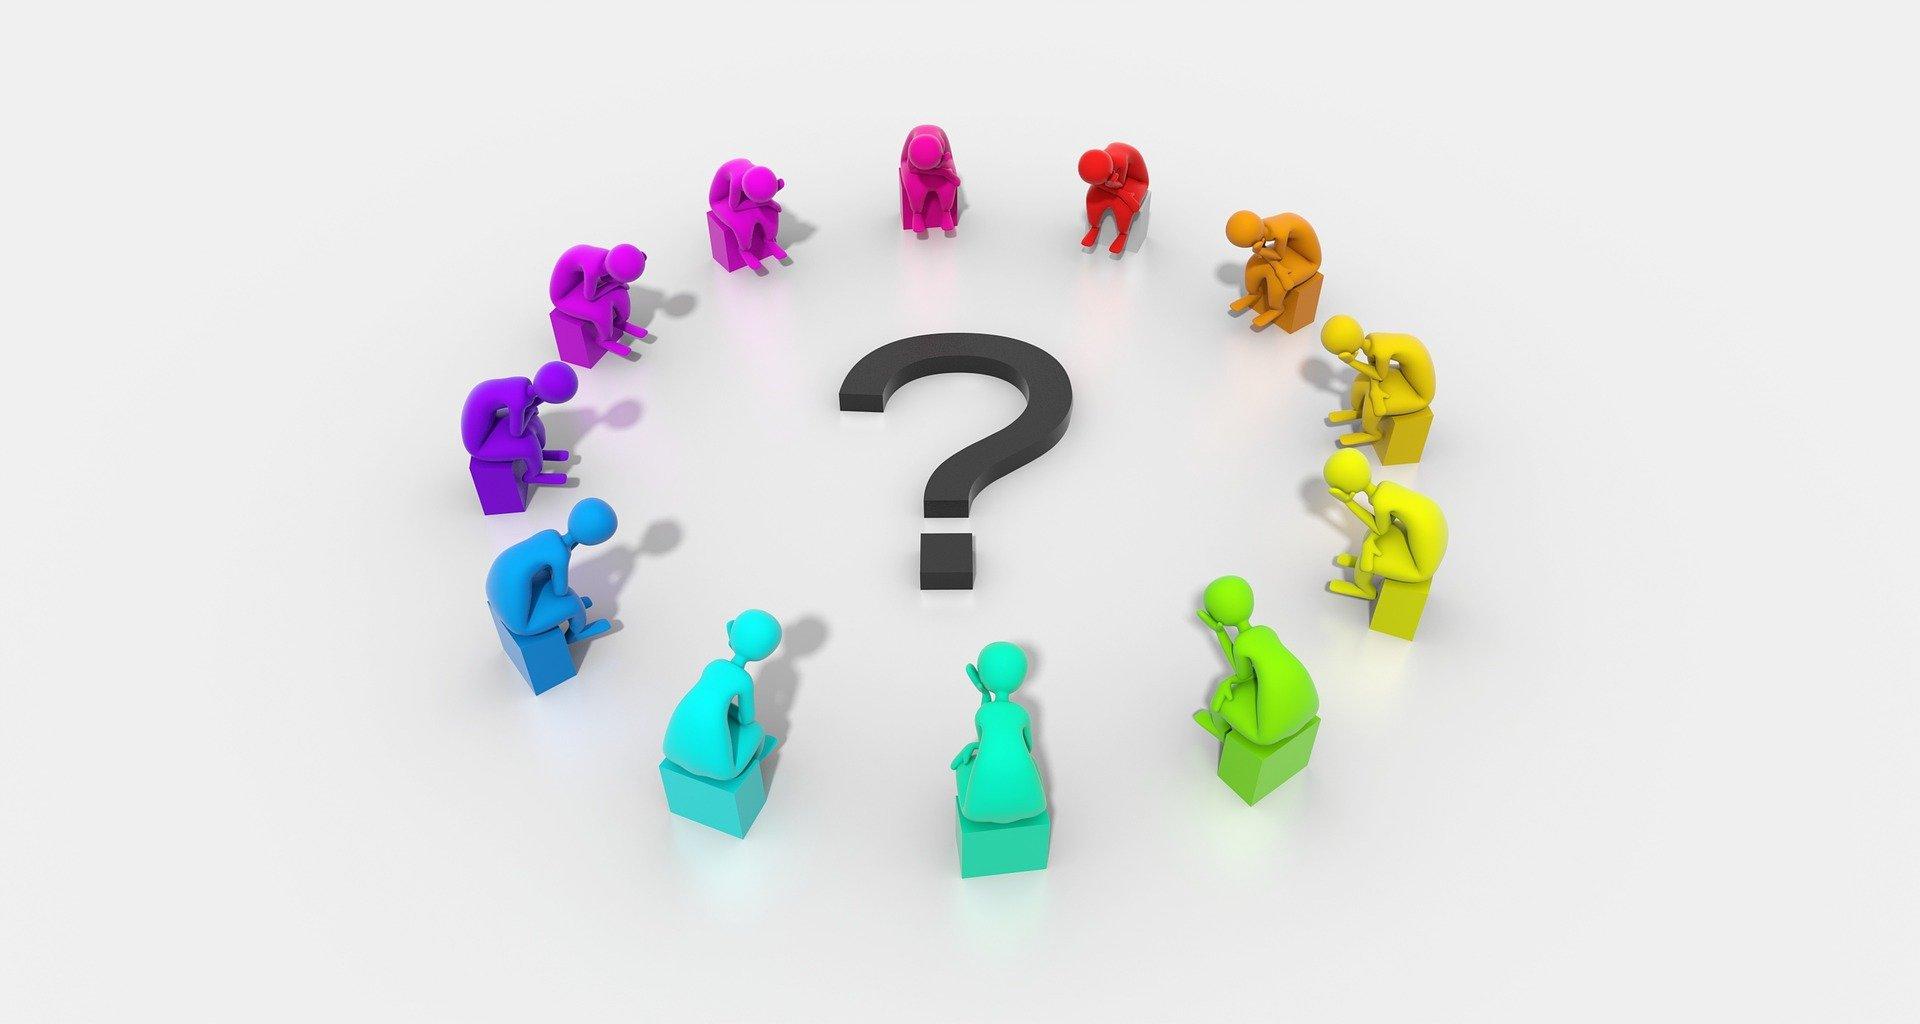 Eriväriset henkilöä esittävät symbolit istuvat ympyrässä ilman istujia suojaavia pöytiä tai tietokoneita ja pohtivat. Kuvan keskellä on kysymysmerkki. Kuvan tarkoitus on korostaa yhteisen pohdinnan ja avoimuuden merkitystä.